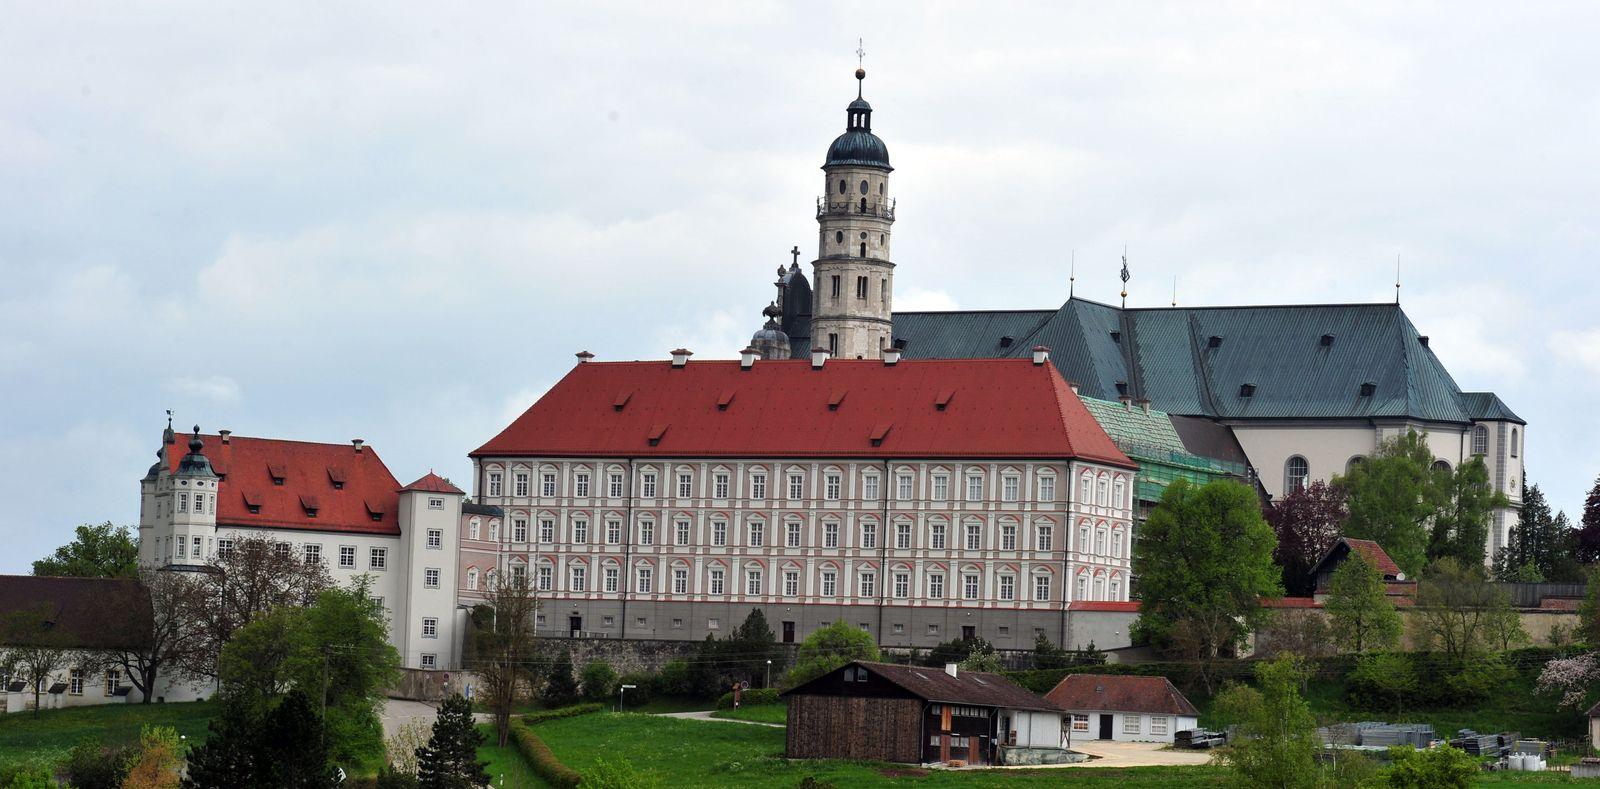 Millionen-Vermögen im Kloster Neresheim